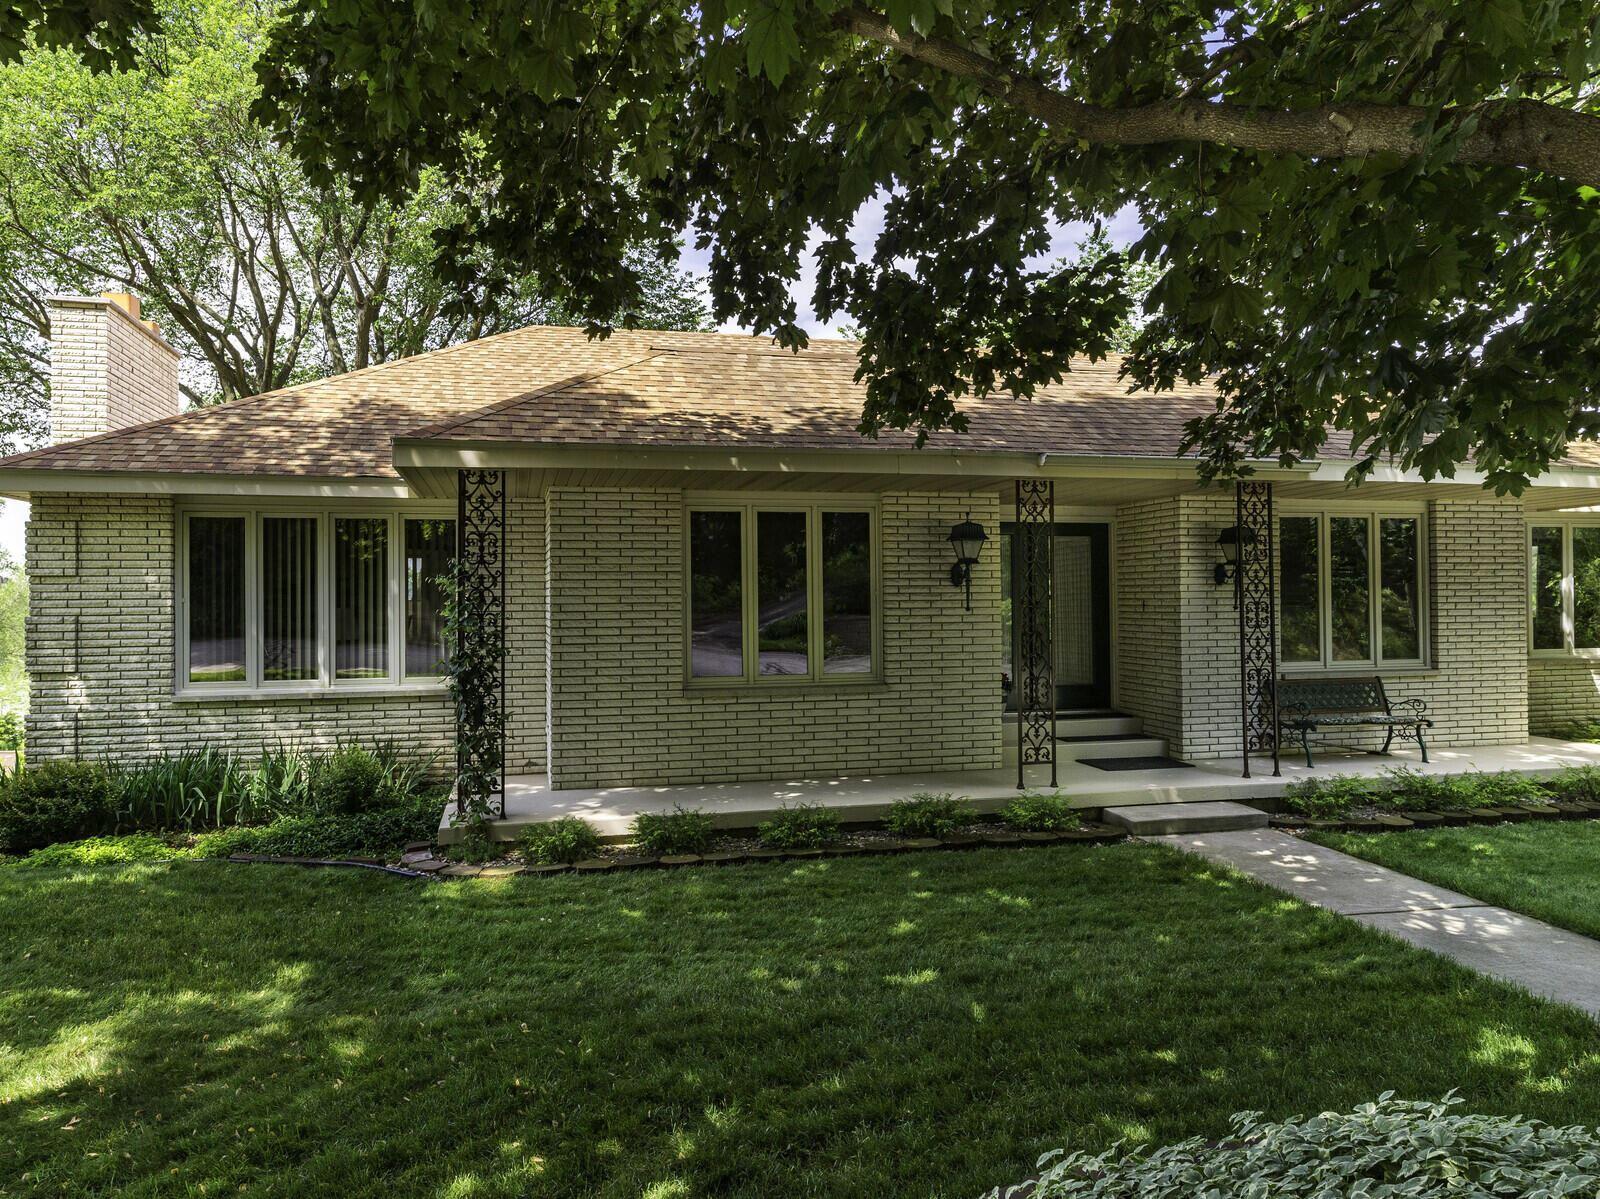 1820 Eastwood Ln, La Crosse, WI 54601 - MLS#: 1746125